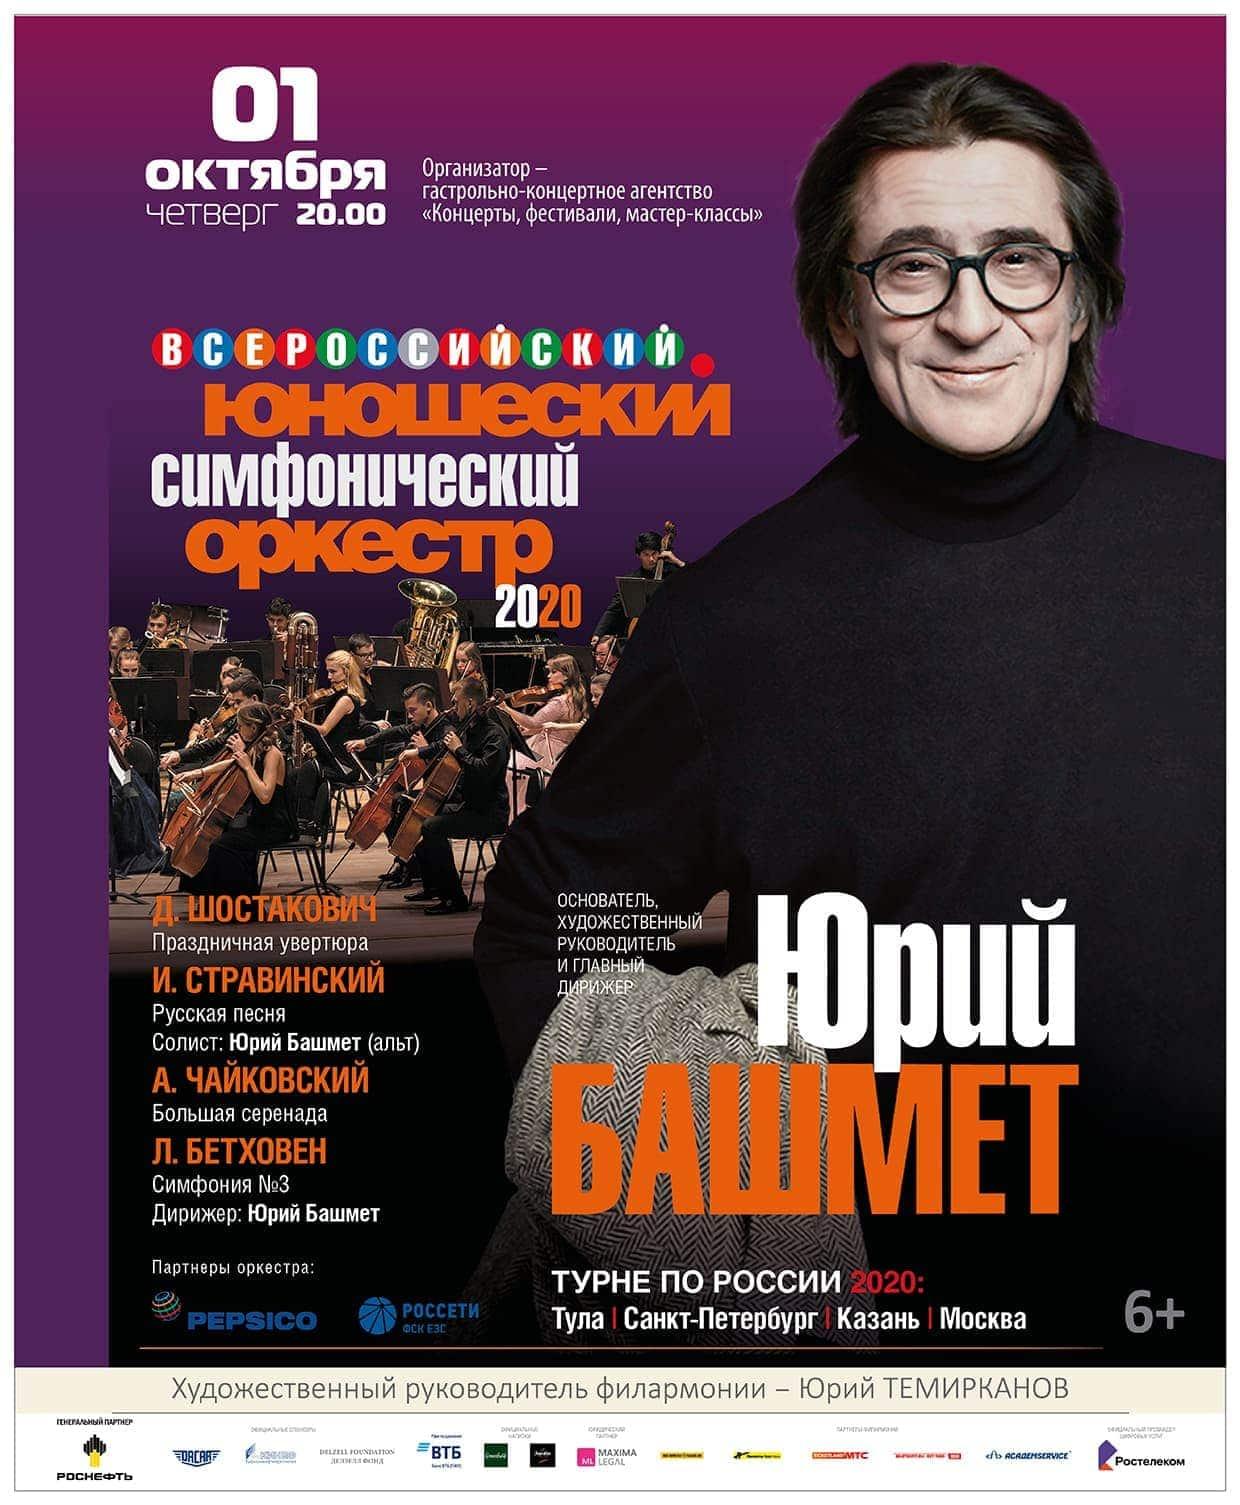 Всероссийский юношеский симфонический оркестр 2020 года